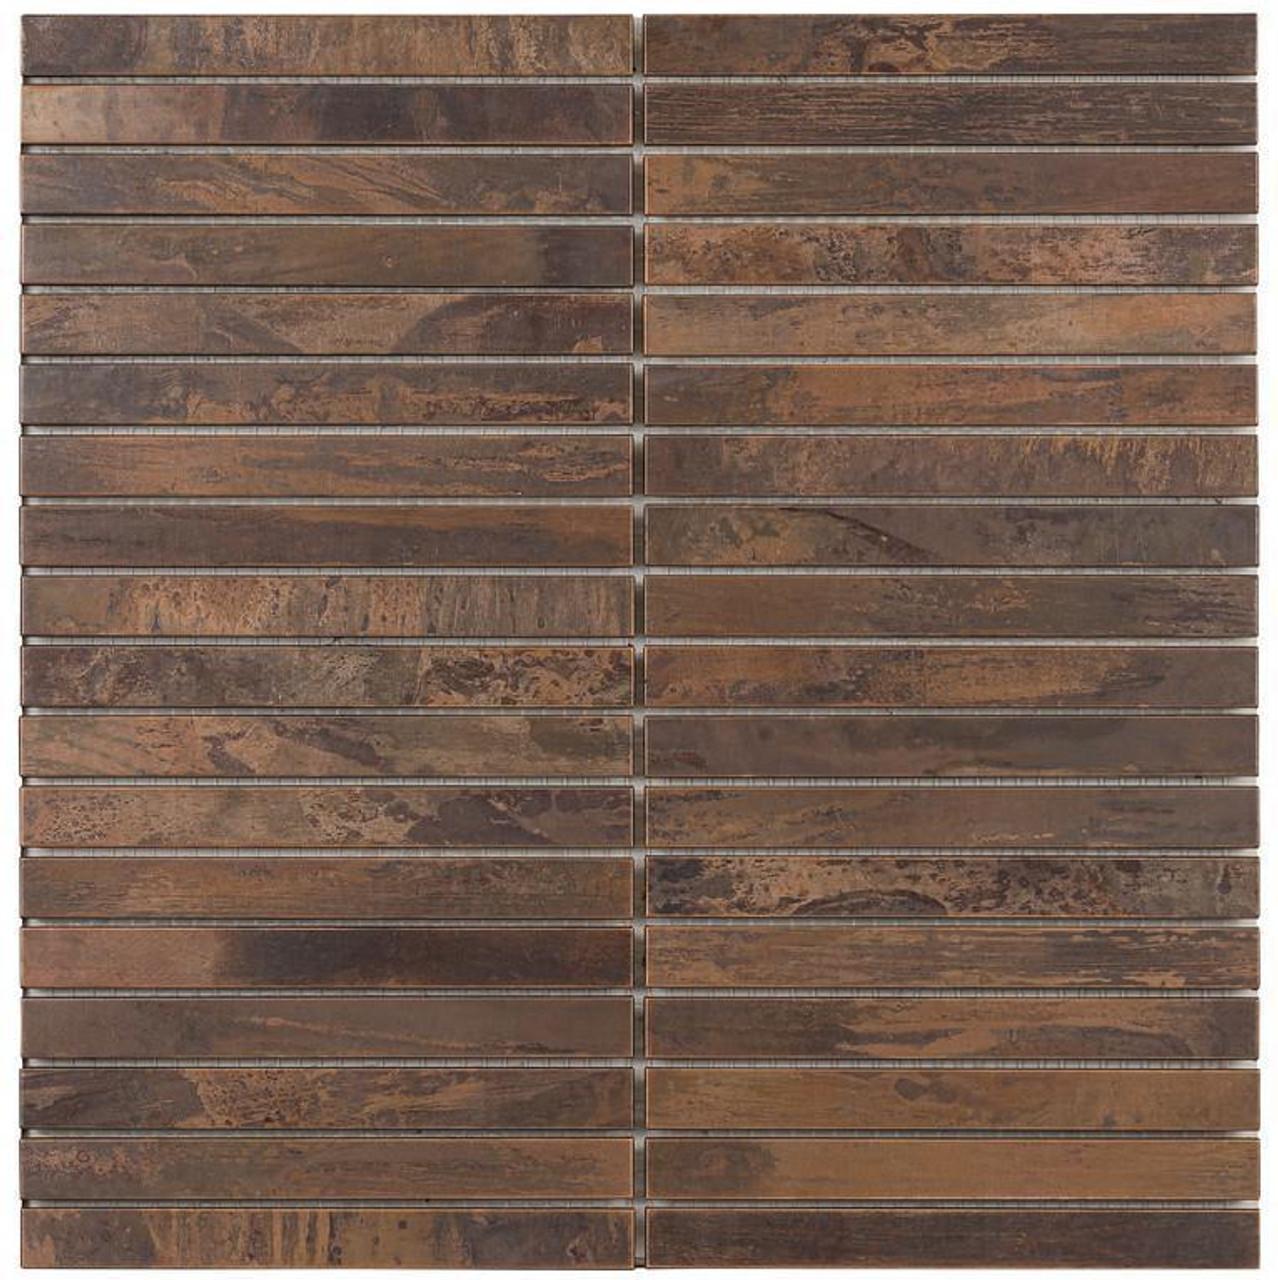 UBC Antique Copper Tile Backsplash 5/8 x 6 Mosaic